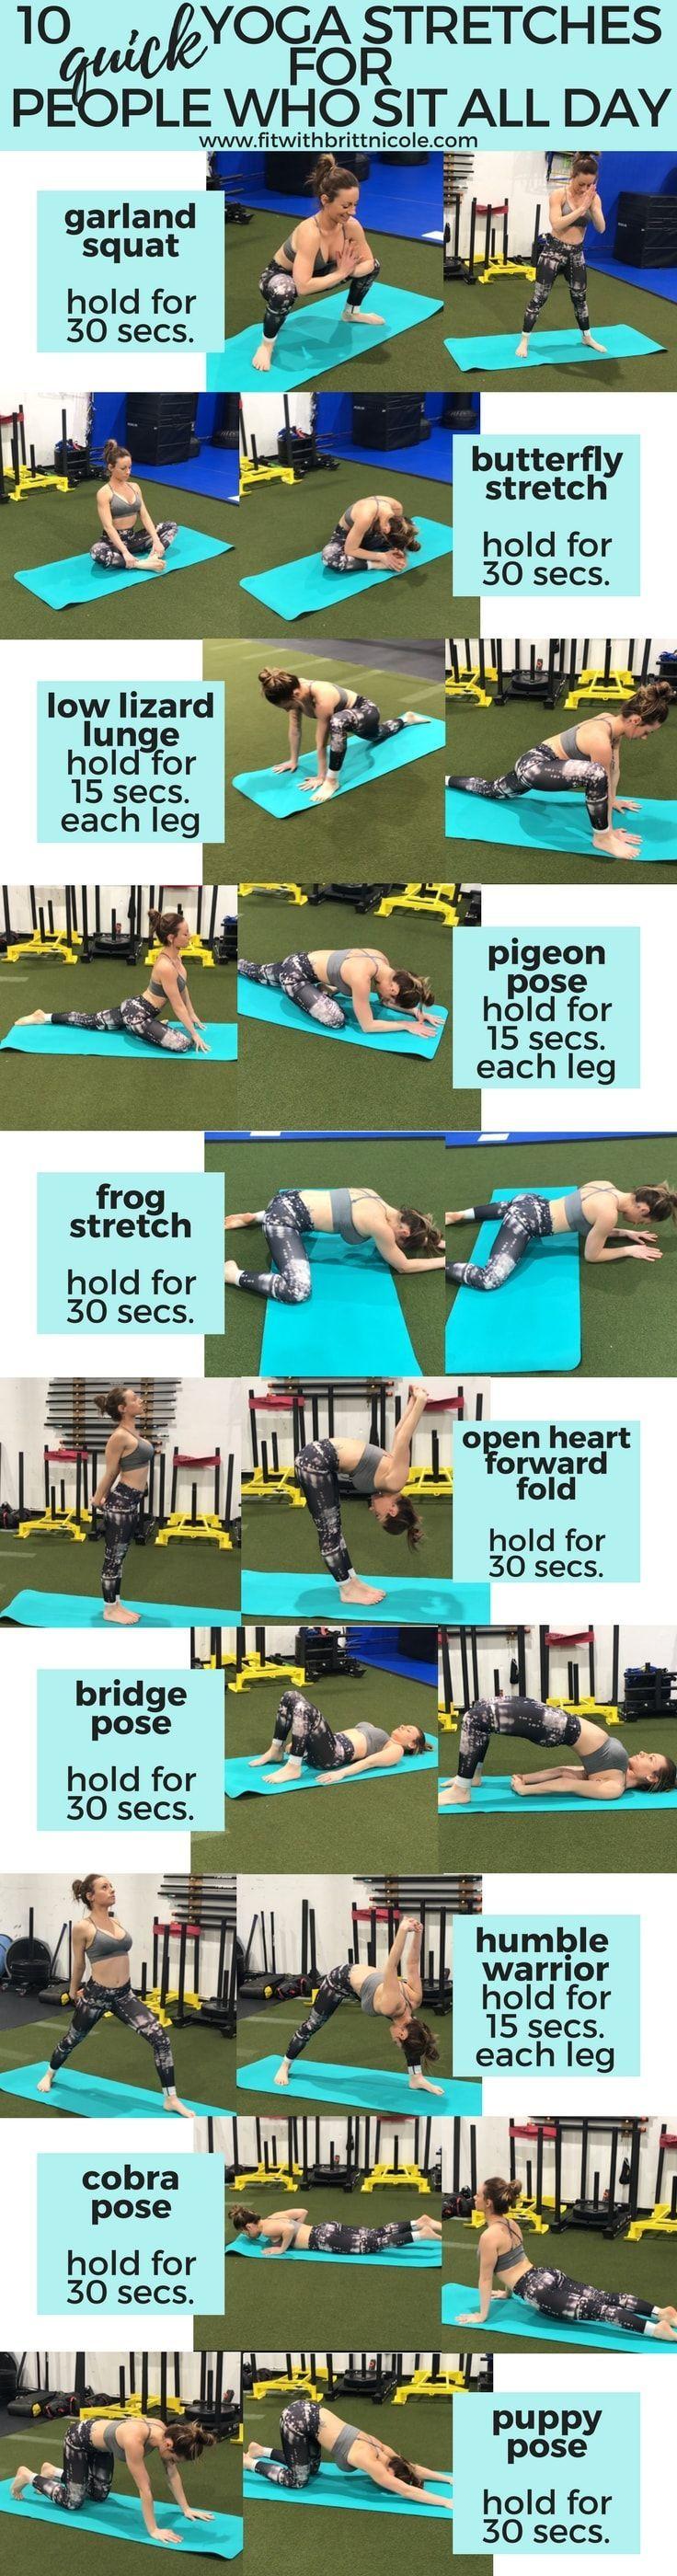 10 schnelle Yoga-Strecken für Frauen, die den ganzen Tag sitzen #pilatesyoga